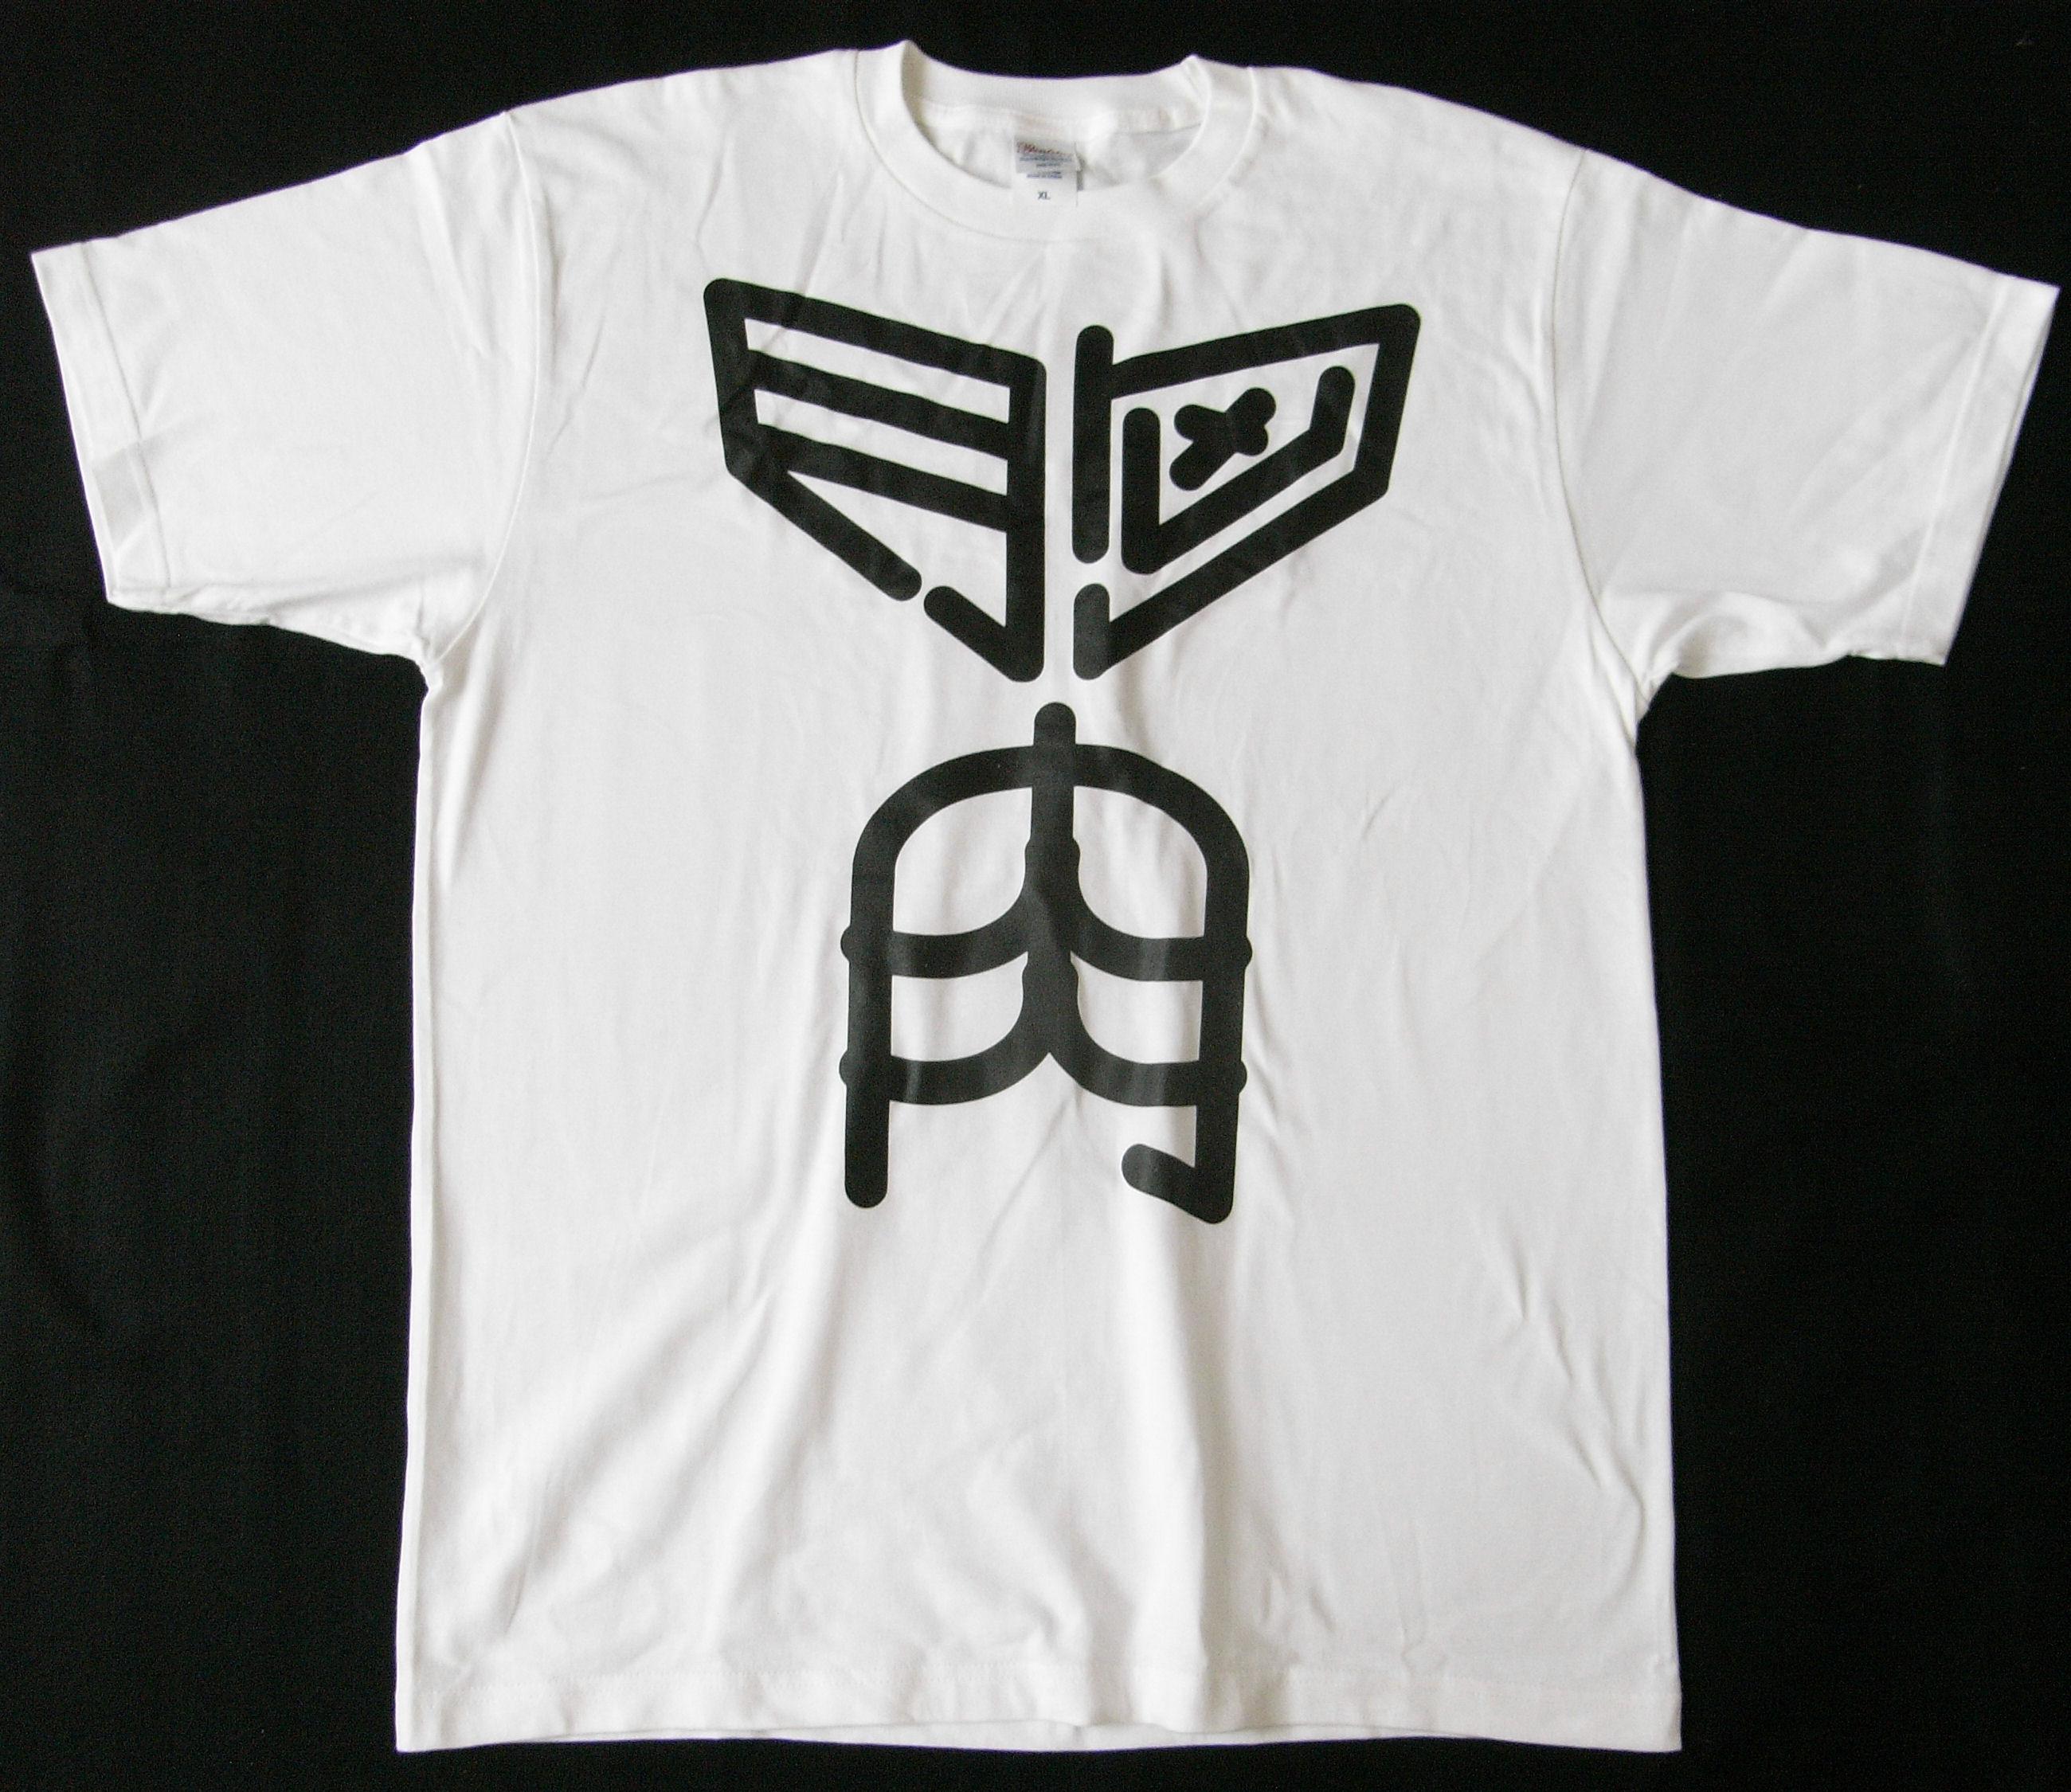 胸肉背骨Tシャツ(色・ホワイト、サイズ・XL)画像